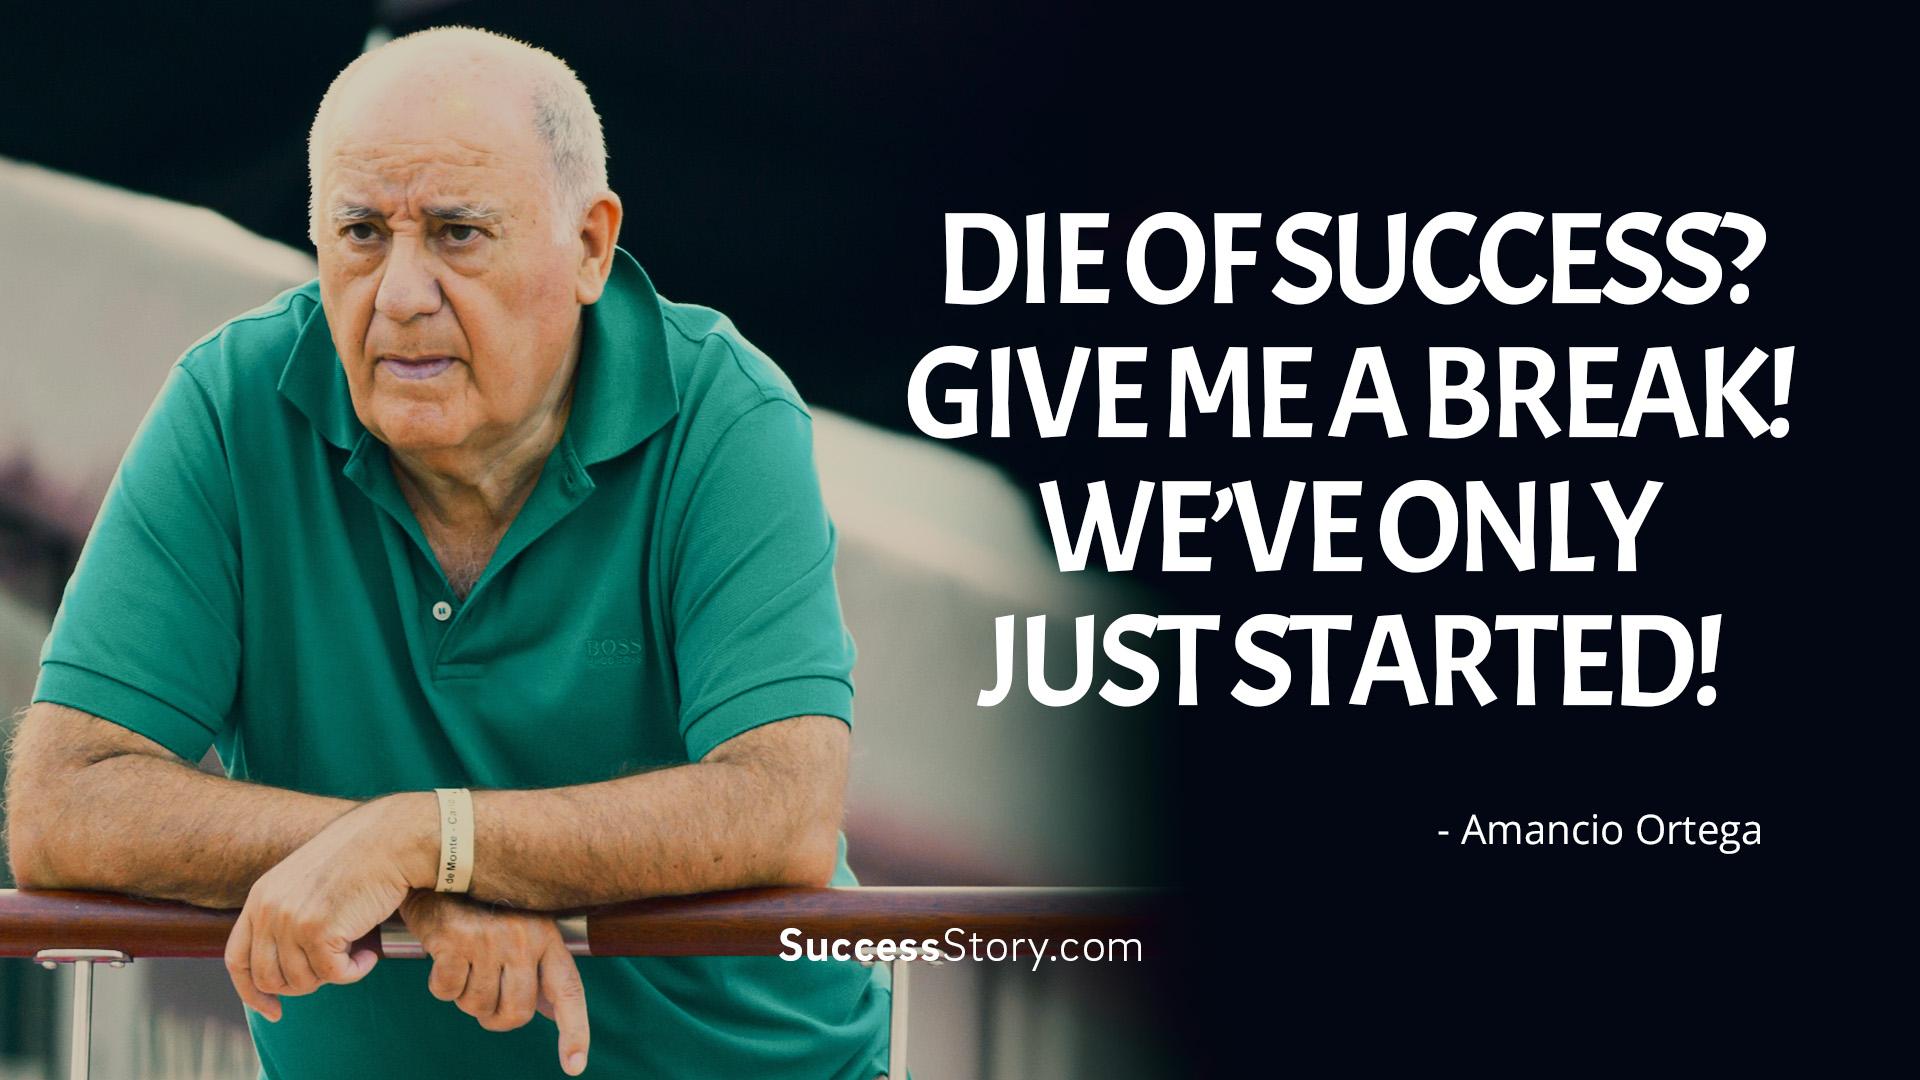 Die of success